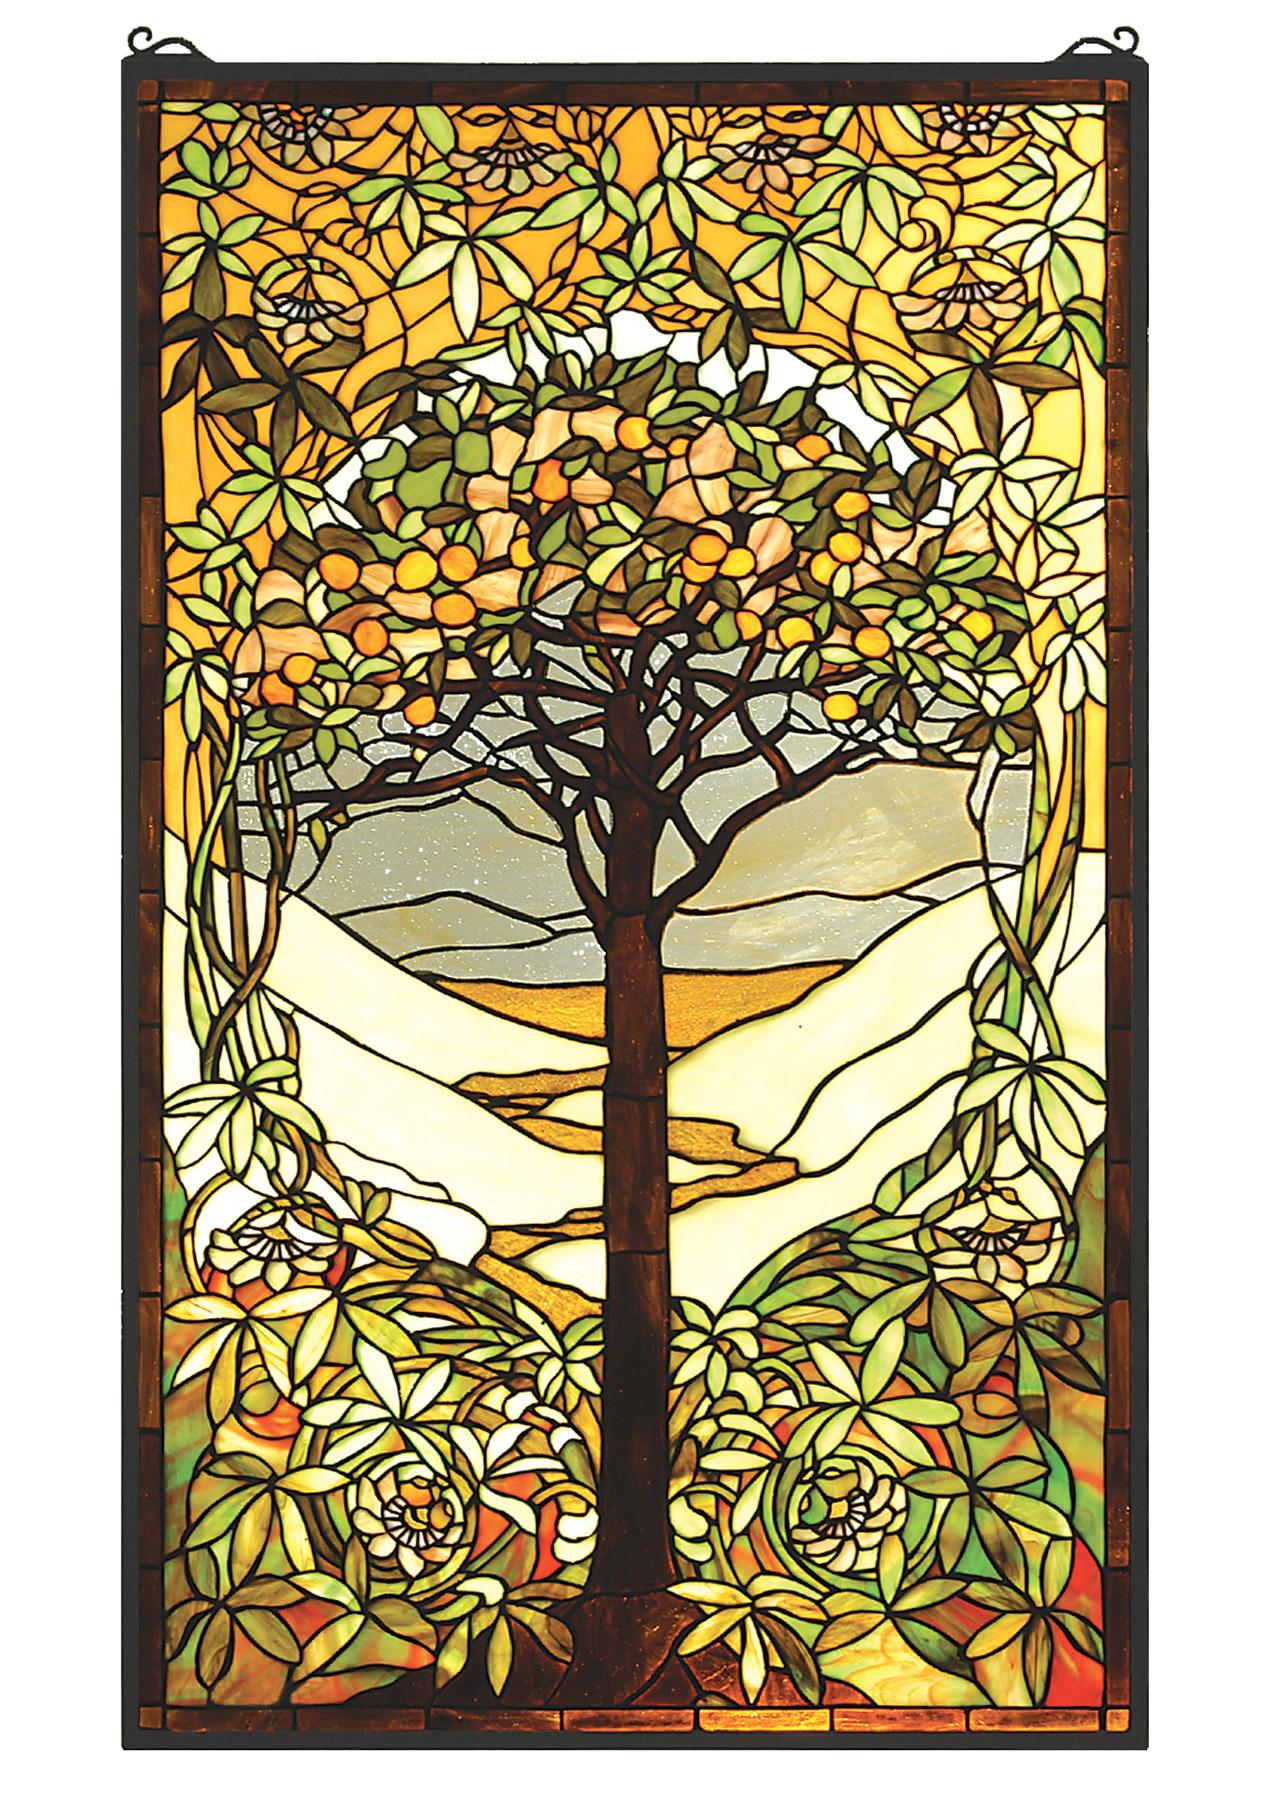 Meyda tiffany tree of life stained glass window